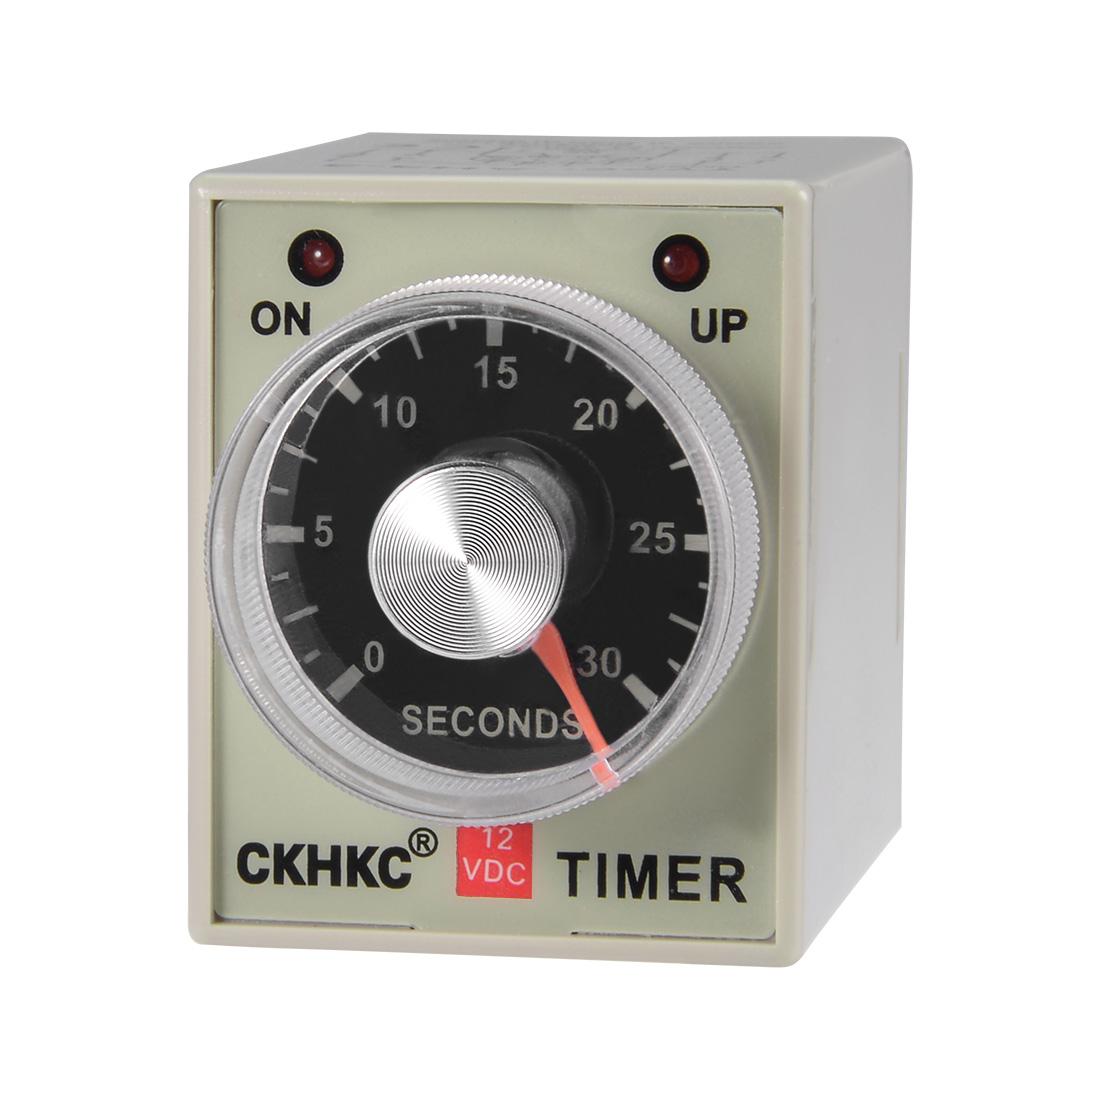 DC12V 30S 8 Terminals Range Adjustable Delay Timer Time Relay AH3-3